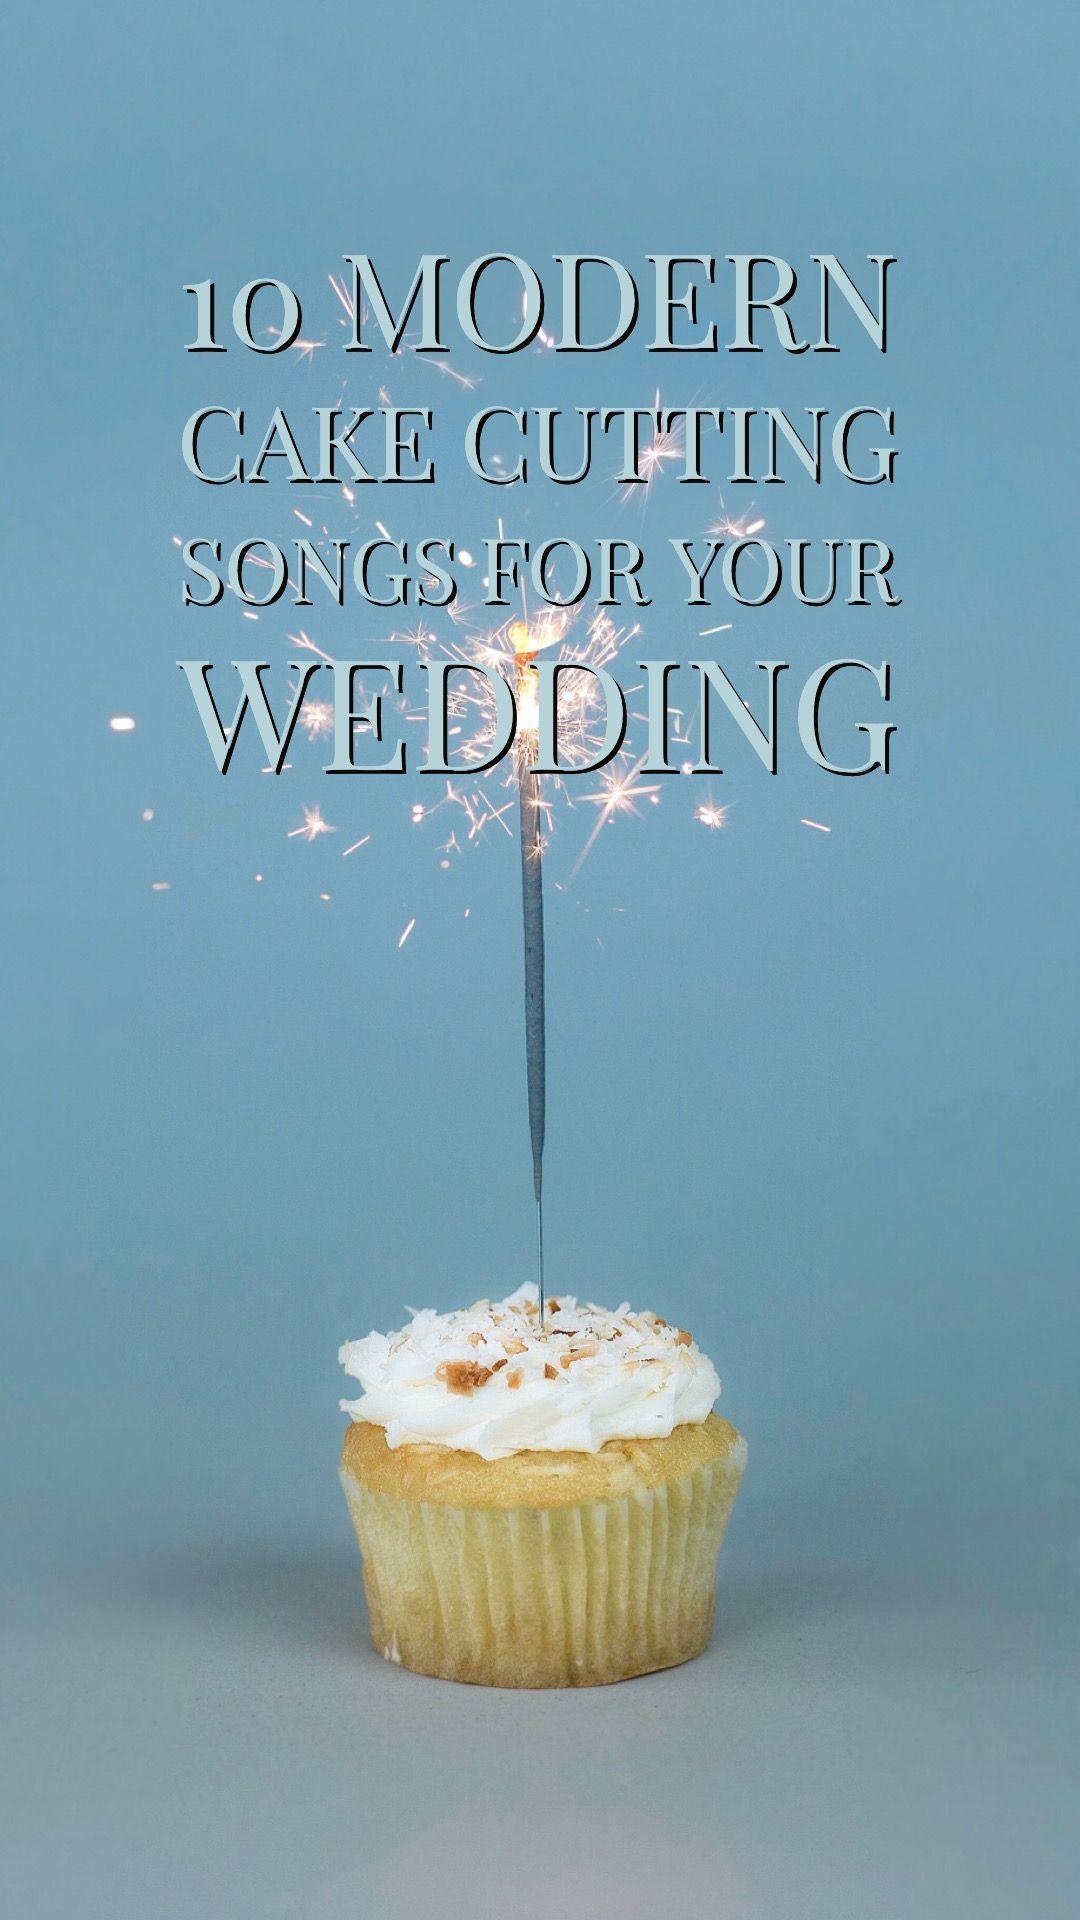 10 Modern Wedding Cake Cutting Songs Everything Wedding